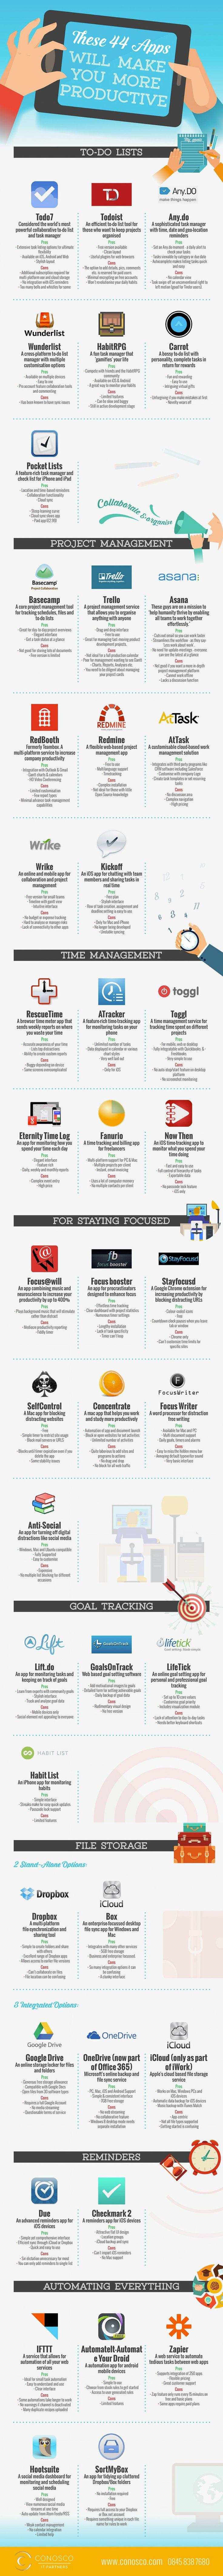 44 Produktivitäts-Apps auf einem Blick. (Infografik: conosco)